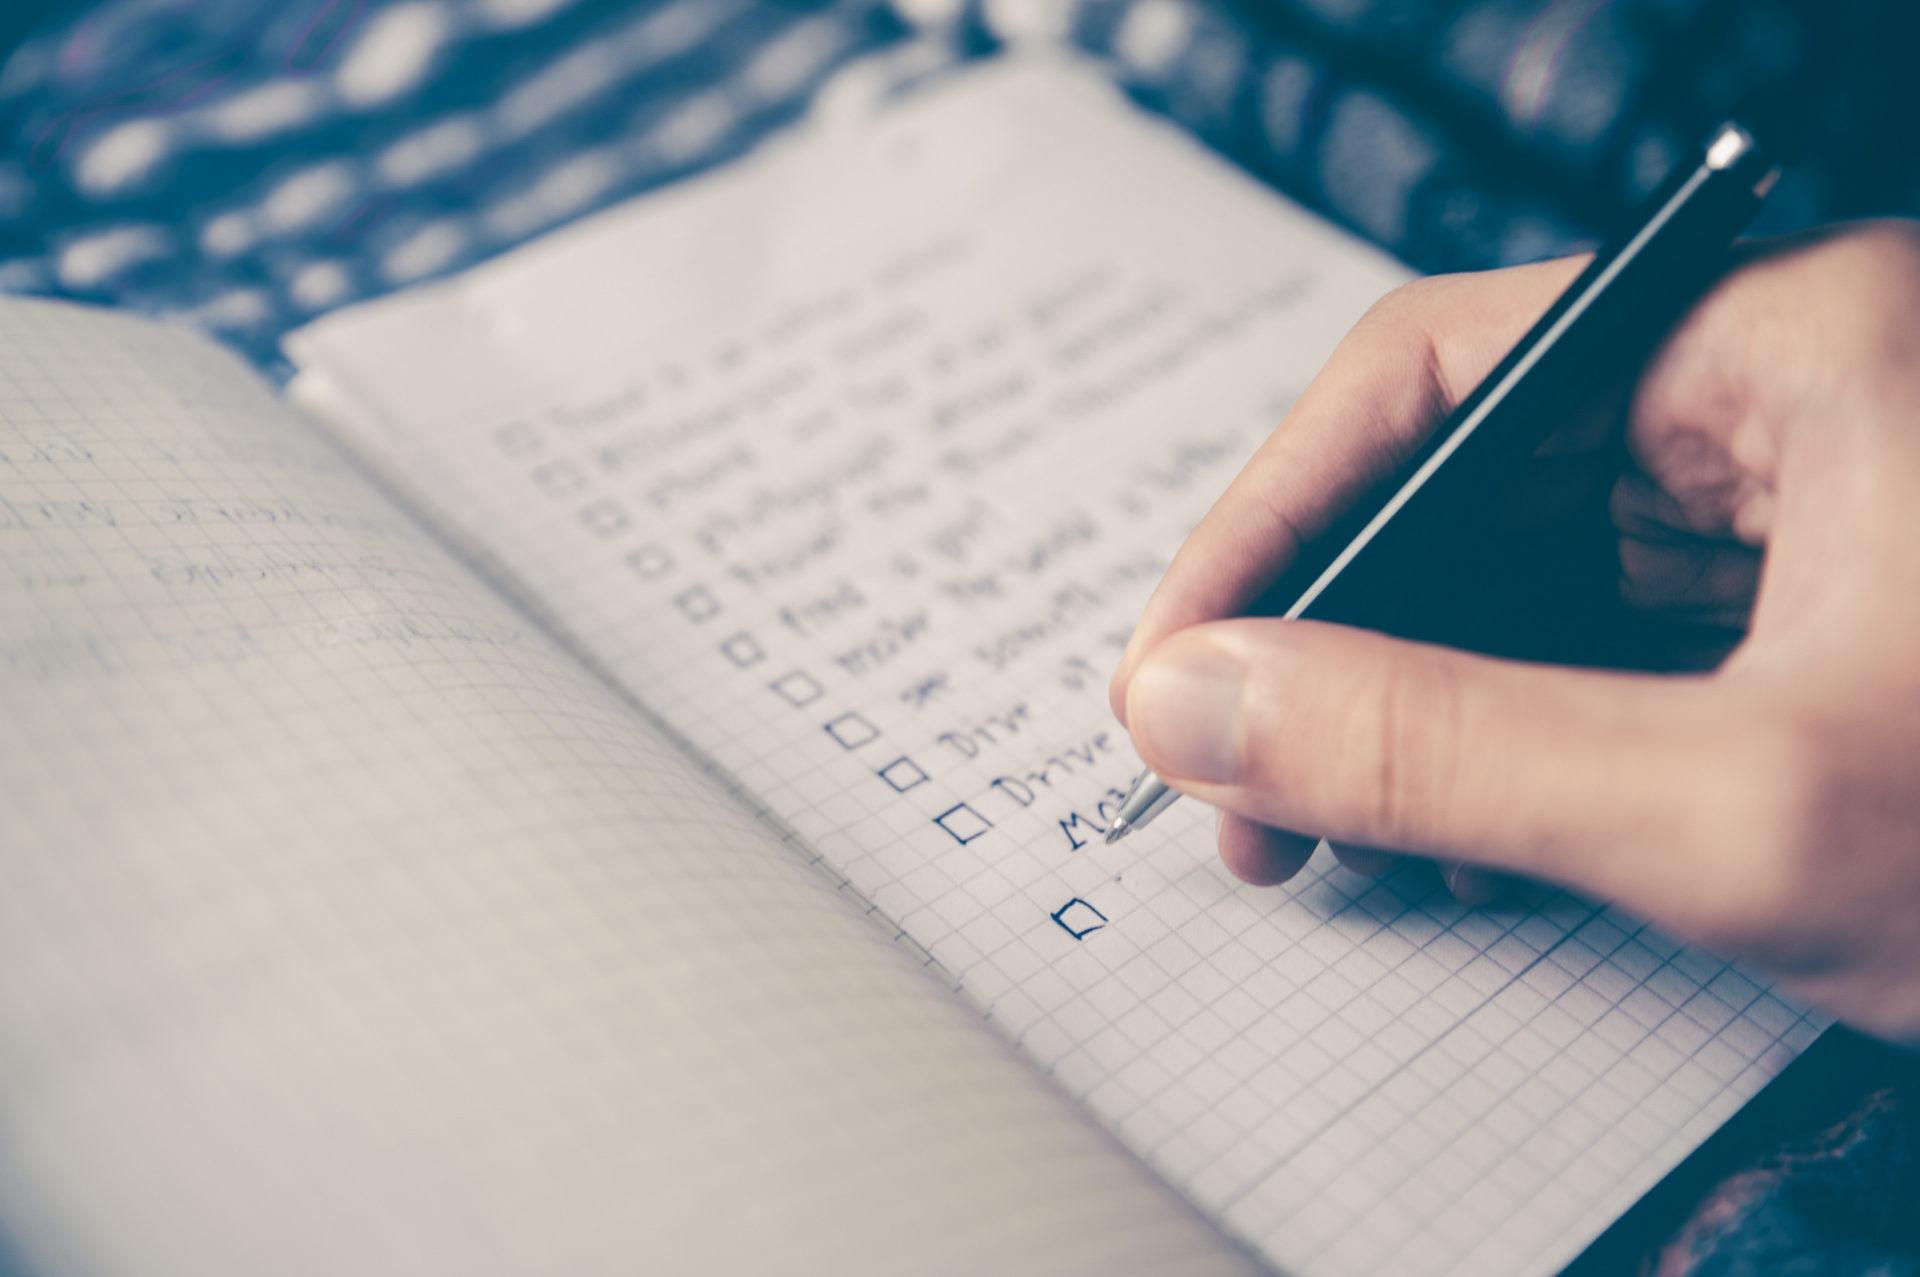 checklist stocksnap pixabay 7